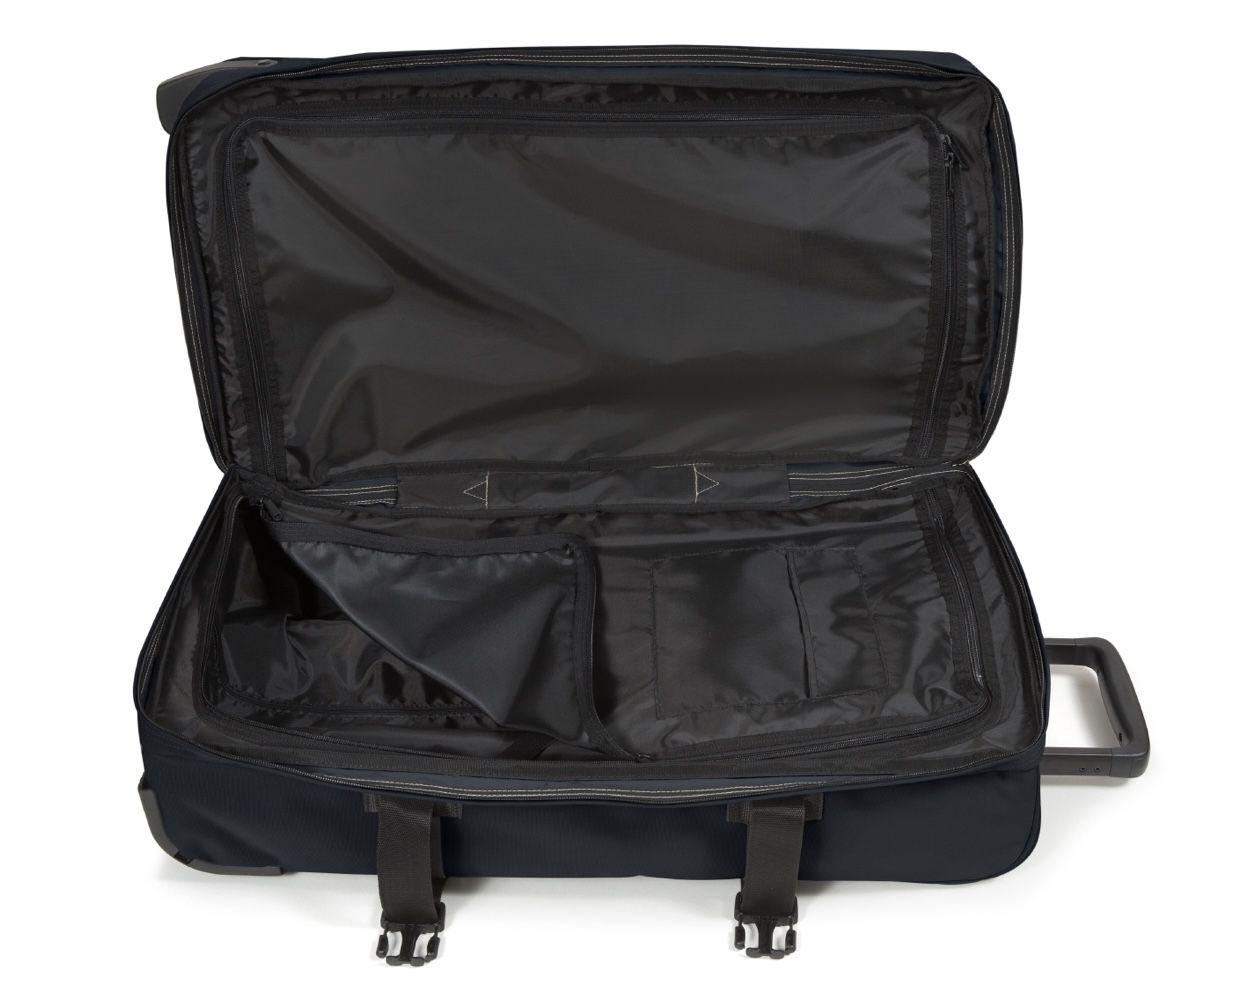 Eastpak Tranverz 121L Koffer mit 79cm in Schwarz für 86,20€ (statt 111€)